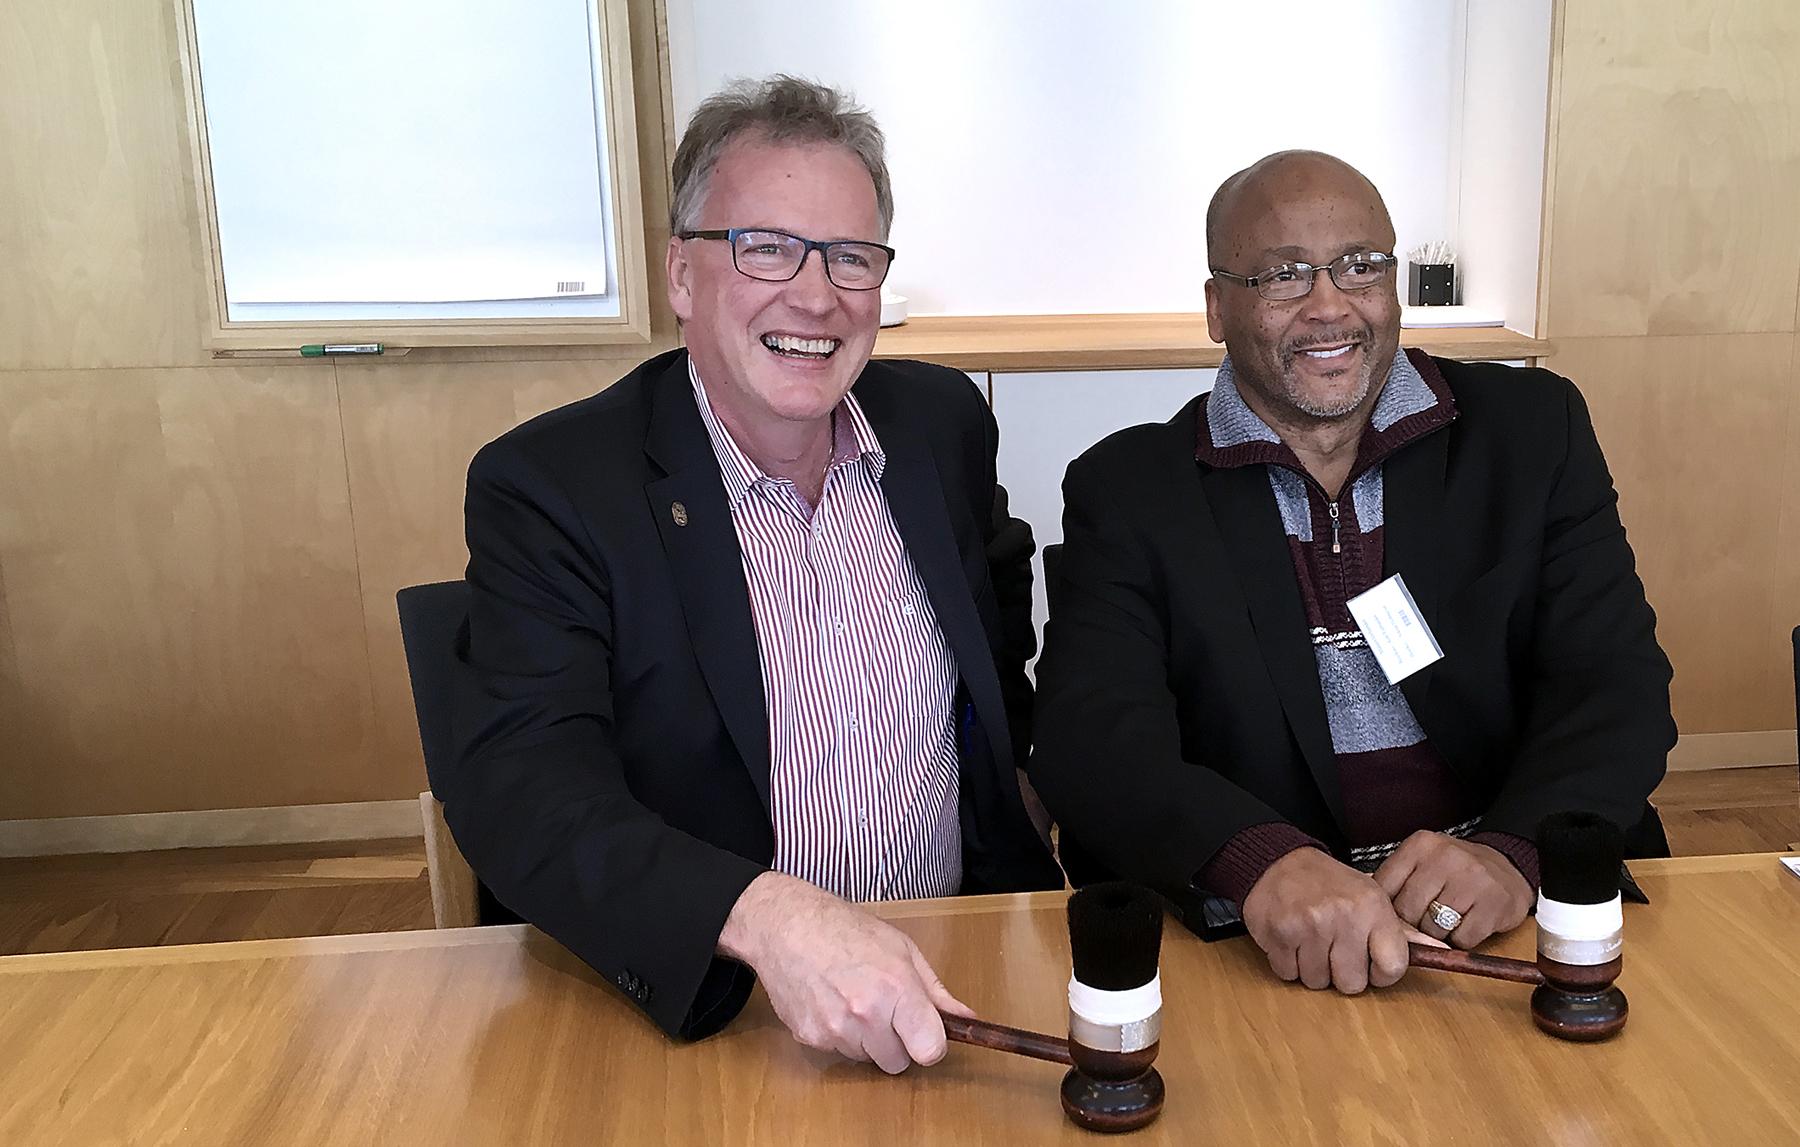 Mikael Johansson och Kenneth E Rigmaiden. Foto: Christer Wälivaara